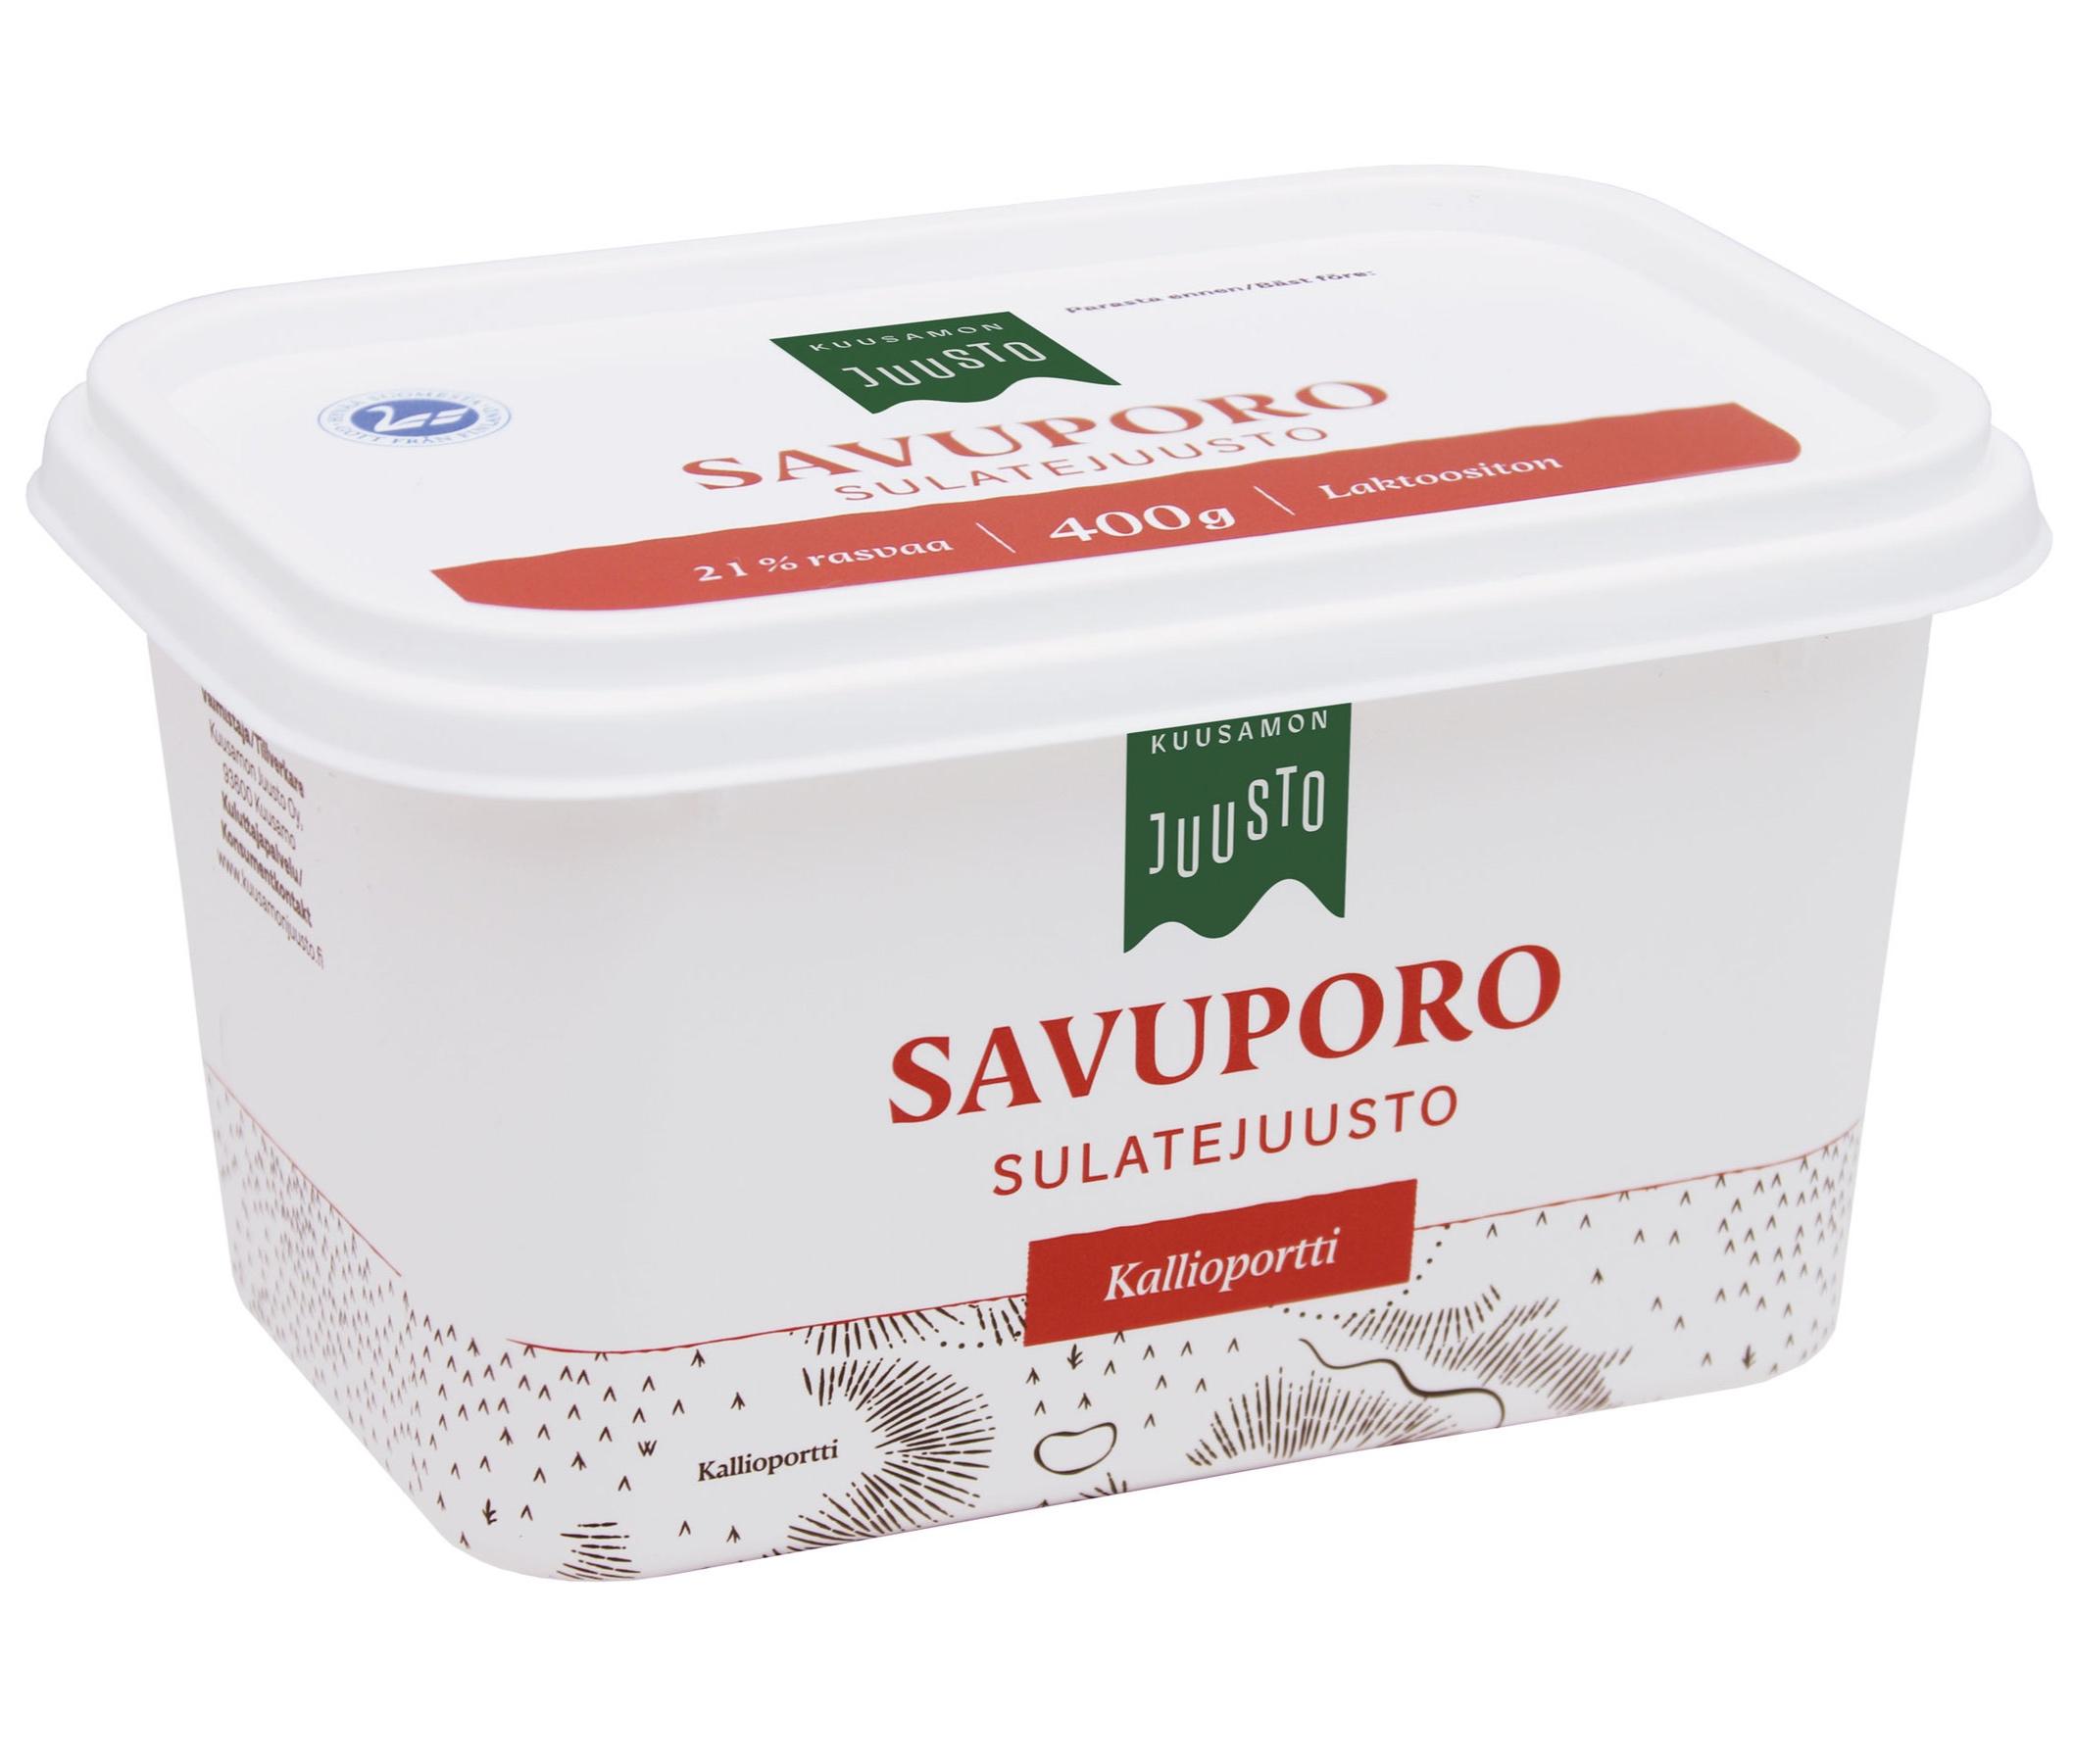 kuusamon-juusto-savuporo-sulatejuusto-400.jpg